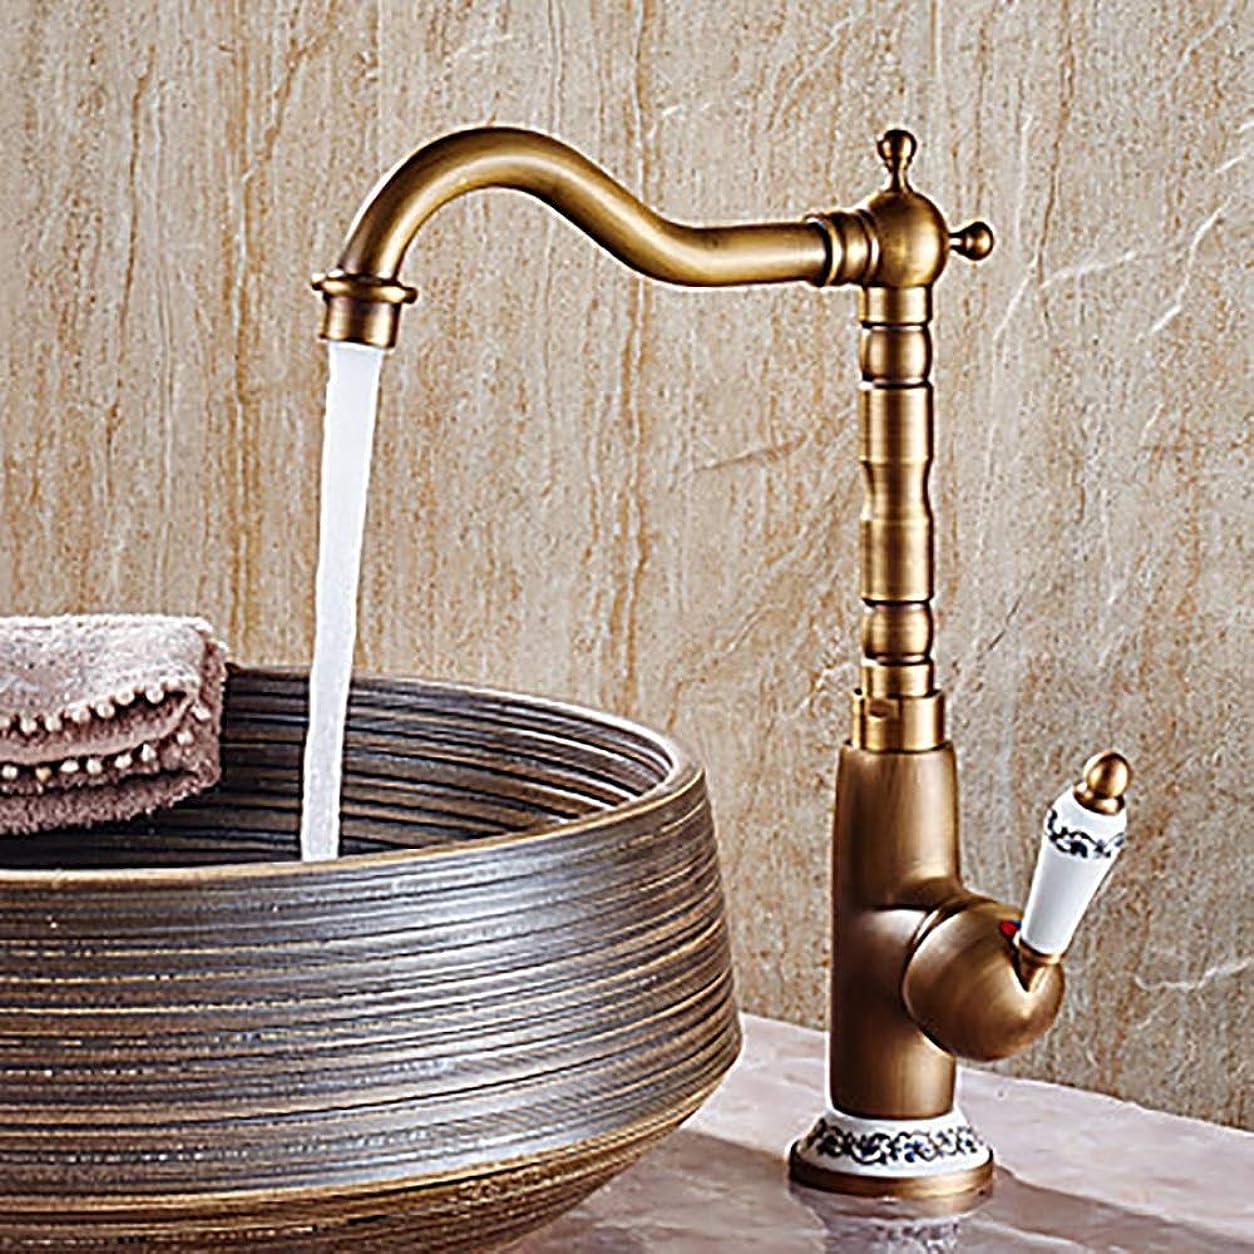 伝導率権限思われるHYH 型の浴室の流しのコックの広いアンティークの銅の単一のハンドル1の蛇口 美しい人生